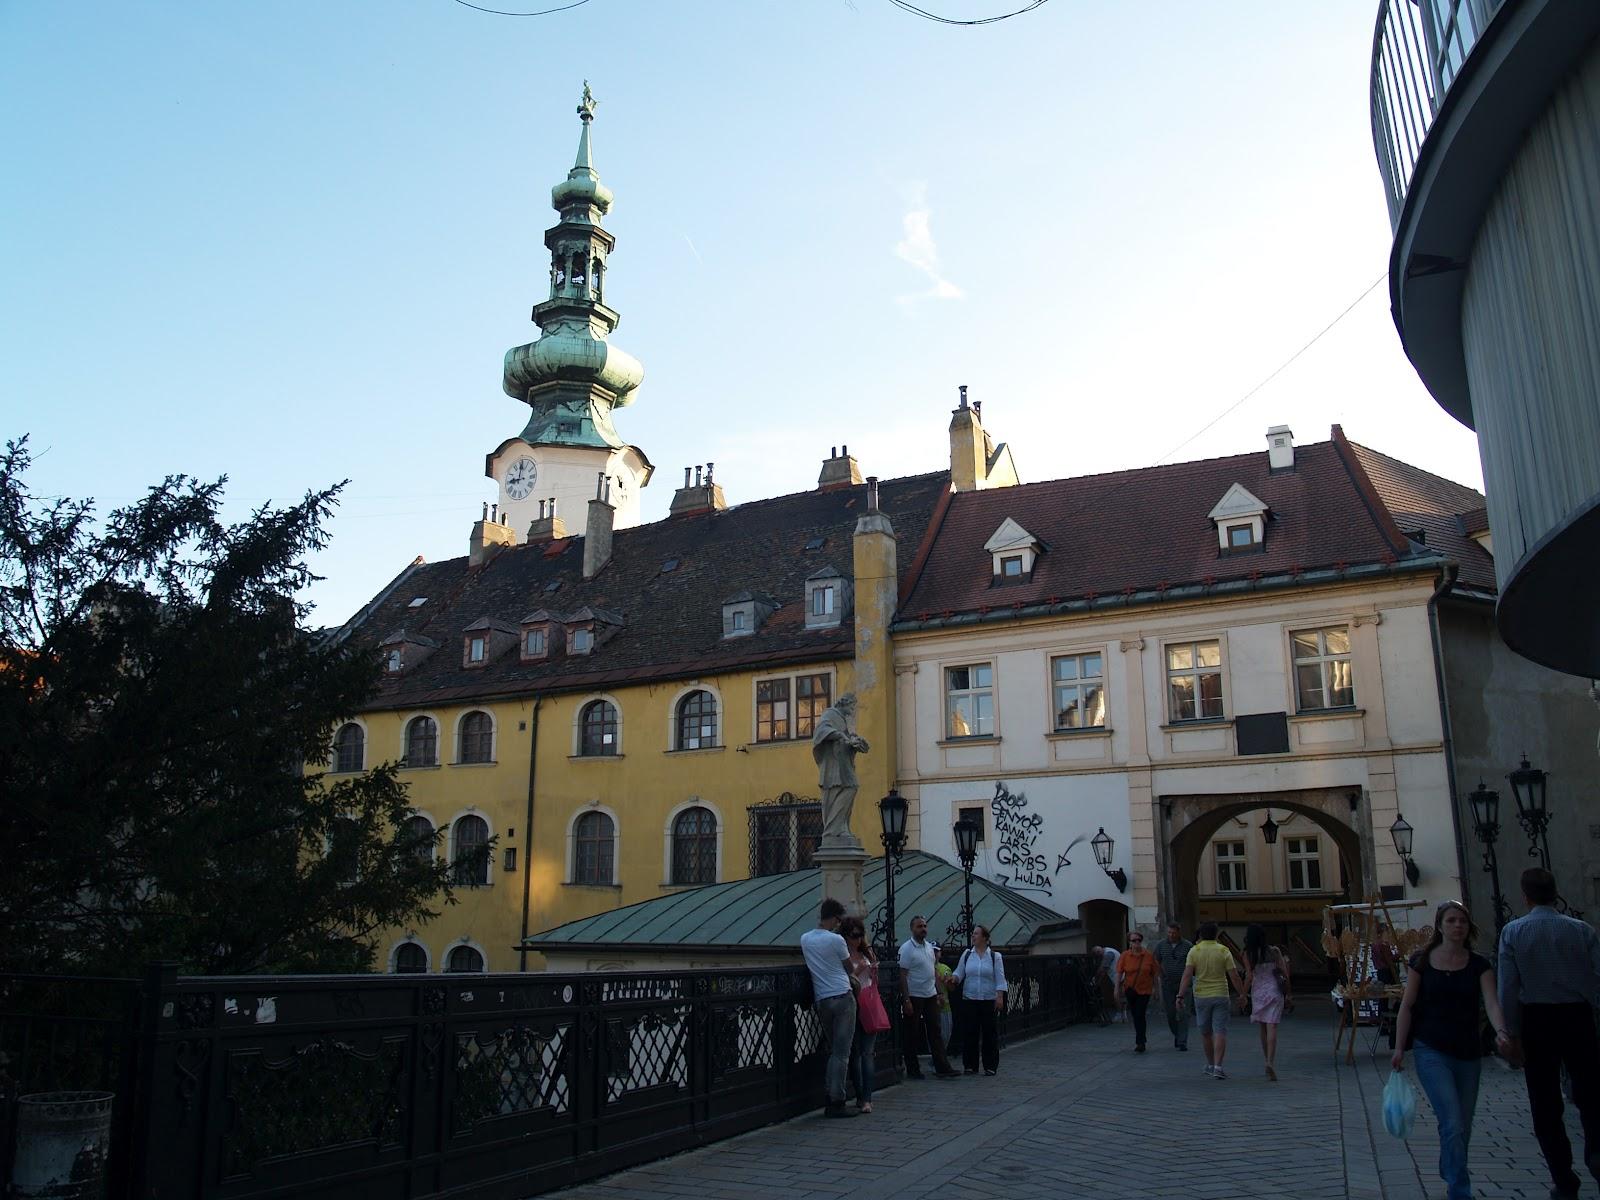 cosas que hacer en eslovaquia, eslovaquia, eslovaco, cosas que hacer, turismo, bratislava, kosice, danubio, tourism